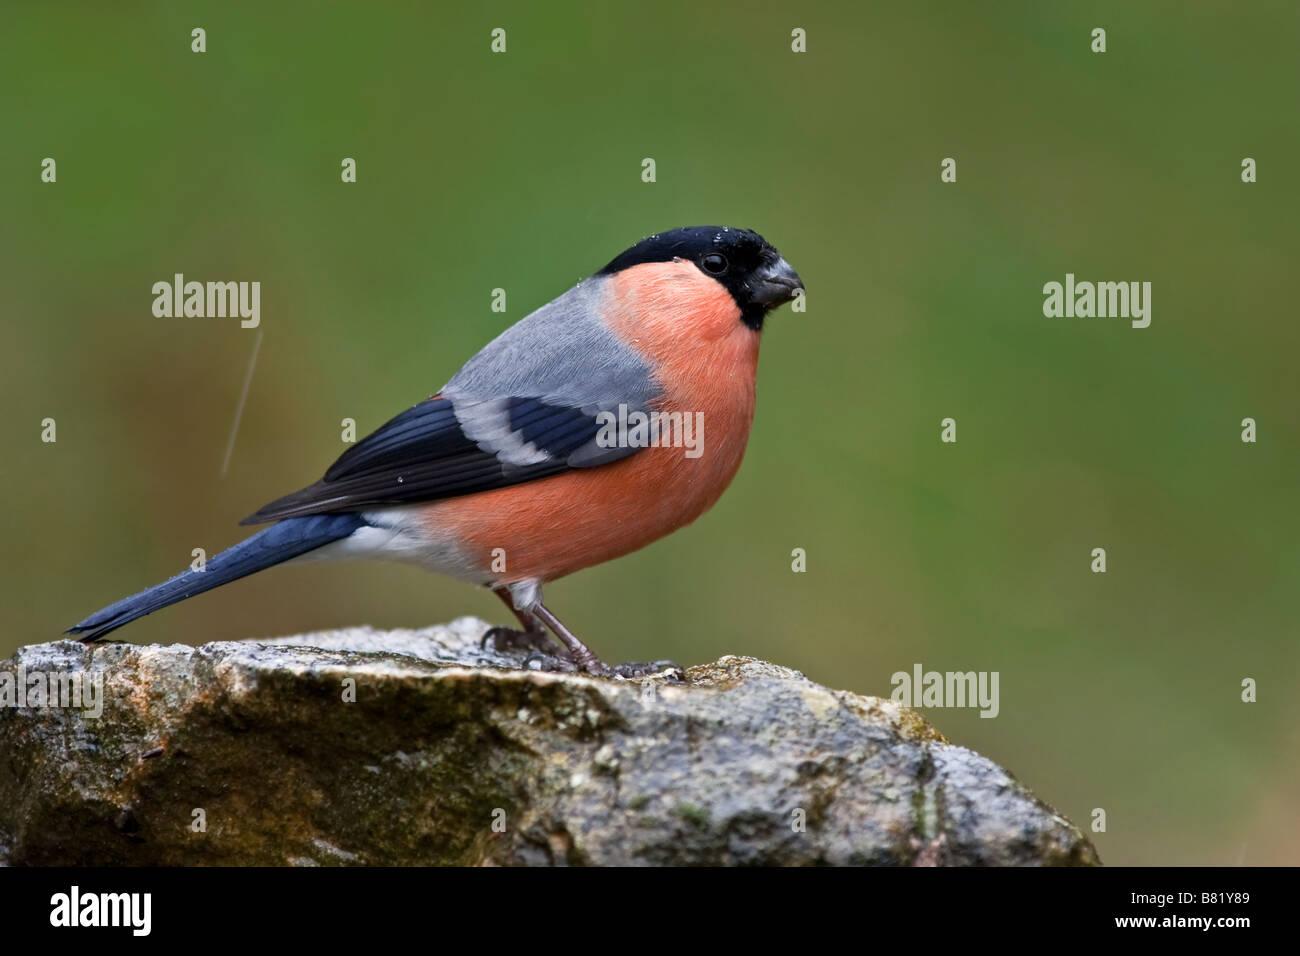 Bullfinch in rain - Stock Image